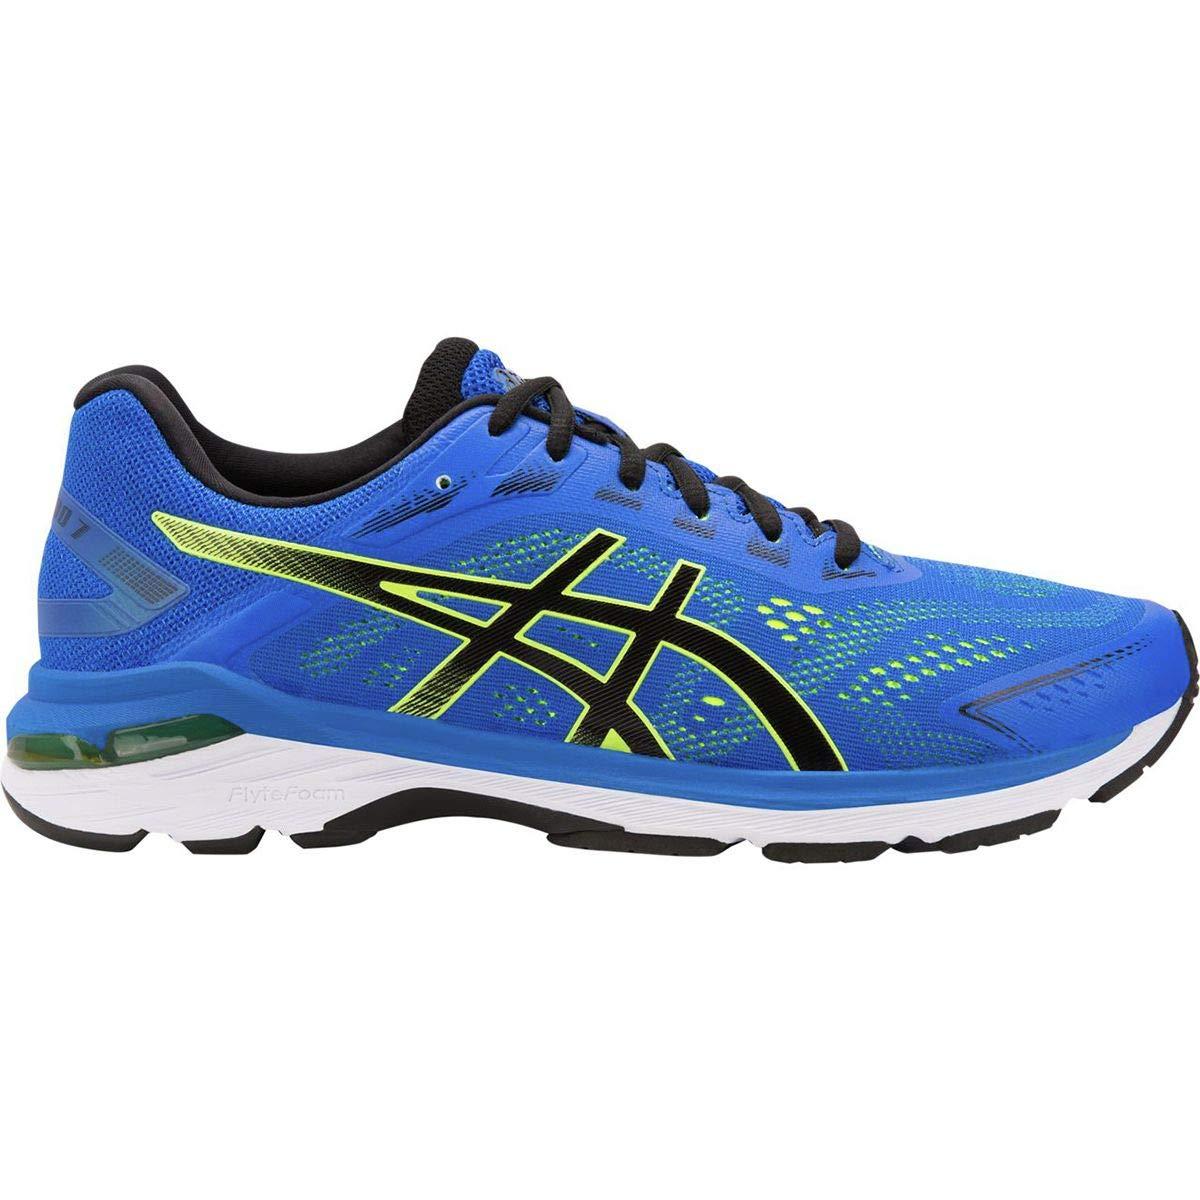 ●日本正規品● [アシックス] Shoe メンズ ランニング GT-2000 7 Running ランニング Shoe [並行輸入品] 7 B07NXX8G8K 11, 千代田区:ef8400b5 --- refer.officeporto.com